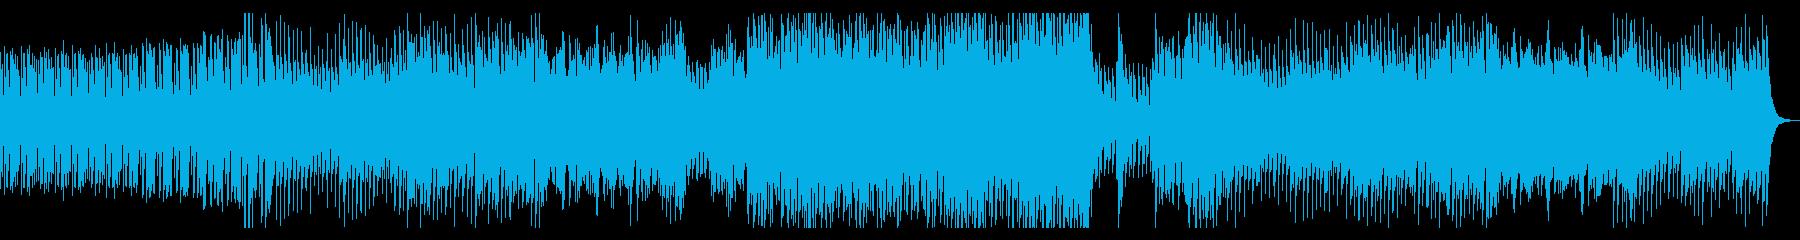 戦闘がテーマのポップロックの再生済みの波形